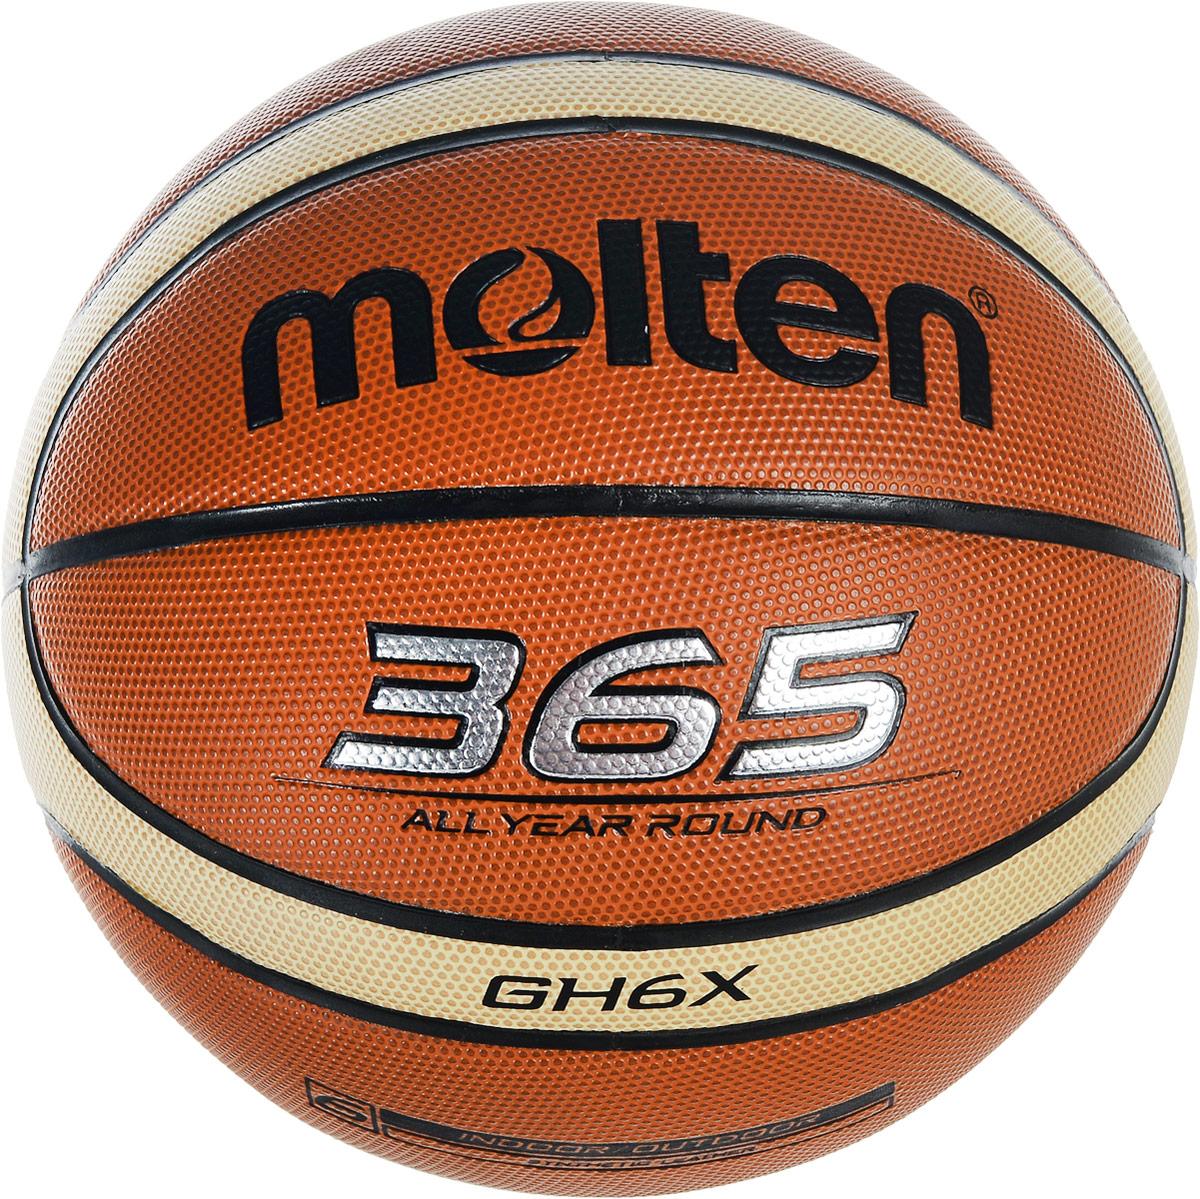 Мяч баскетбольный Molten, цвет: терракотовый, бежевый. Размер 6. BGH6X10814Баскетбольный мяч Molten прекрасно подходит для игр или тренировок в зале и на улице. Покрышка из синтетической кожи (поливинилхлорид). Шероховатая поверхность служит для оптимального контроля мяча при его подборе и в других игровых ситуациях. Увеличенная износостойкость. 12-панельный дизайн.